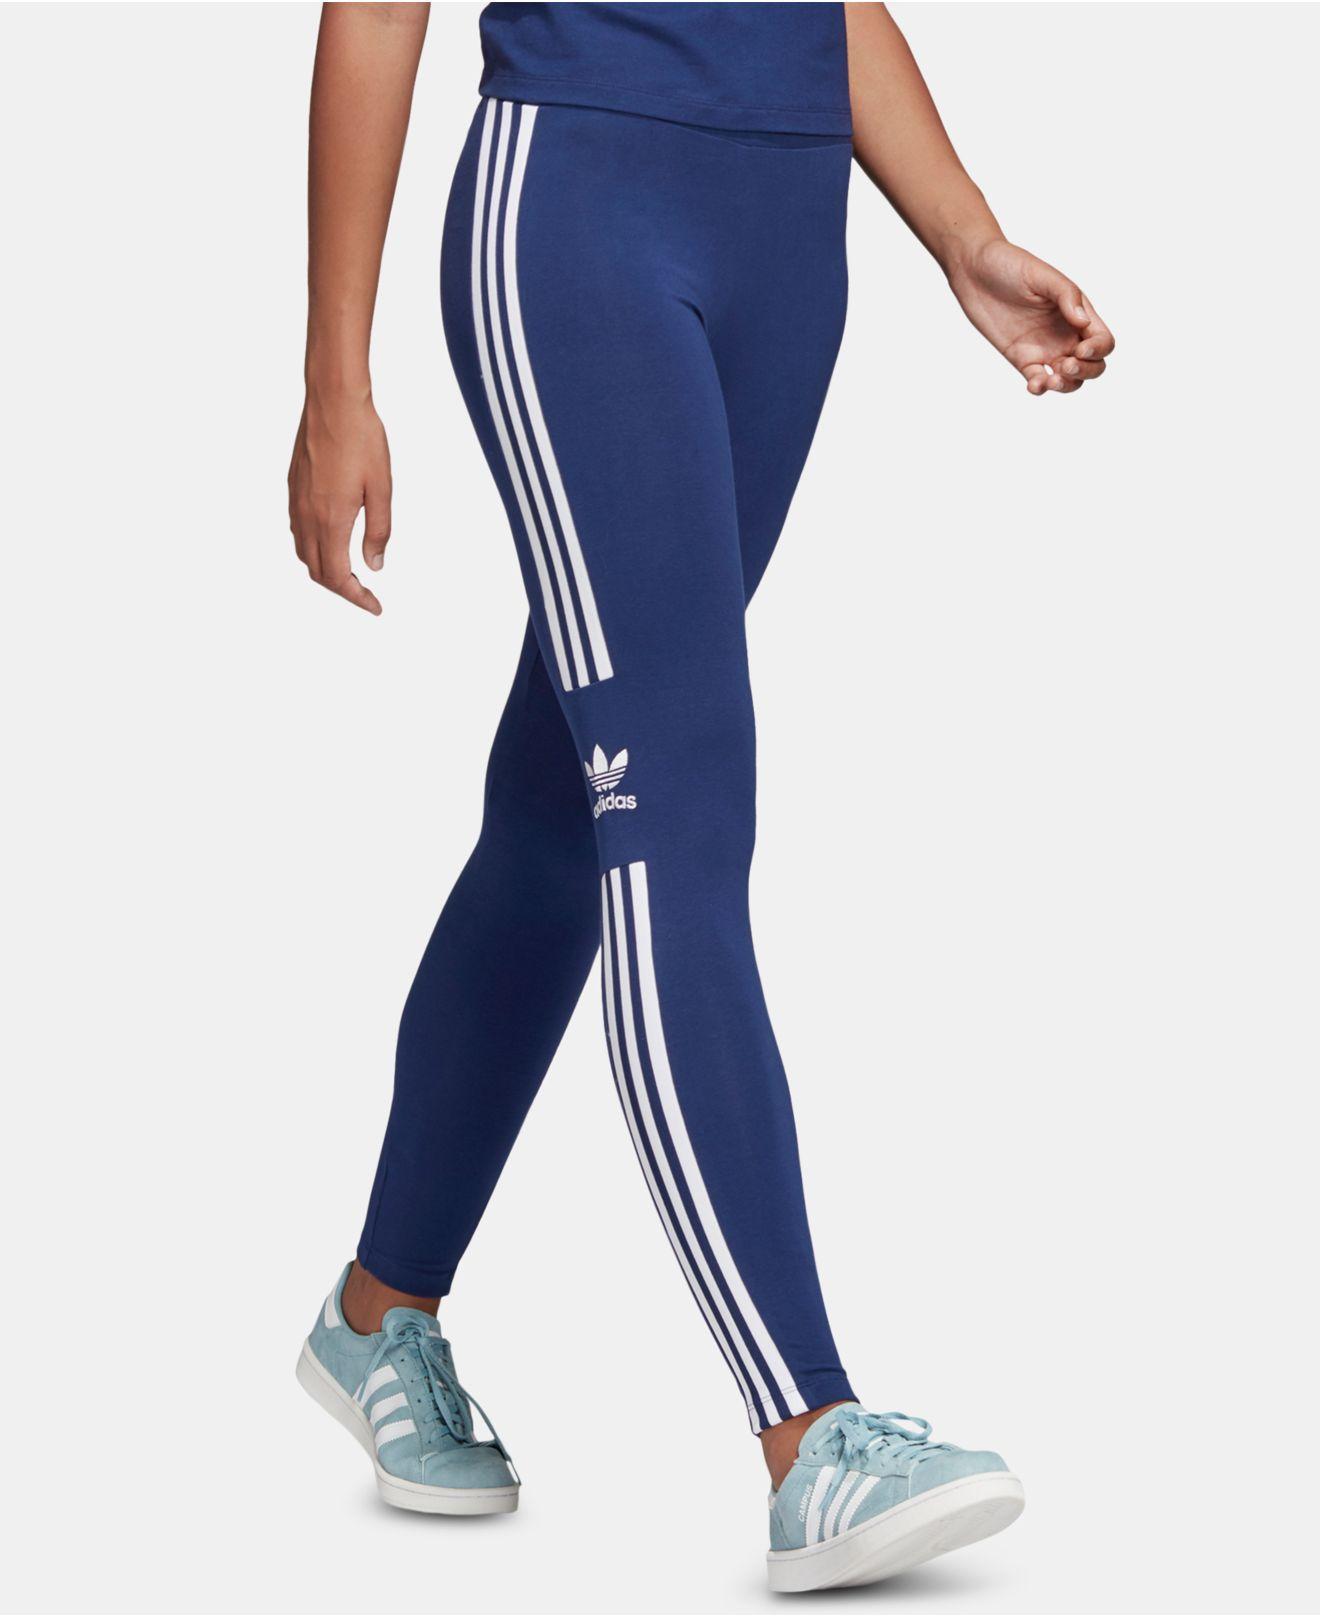 official photos fac83 f2c2e adidas. Womens Blue Originals Adicolor ...